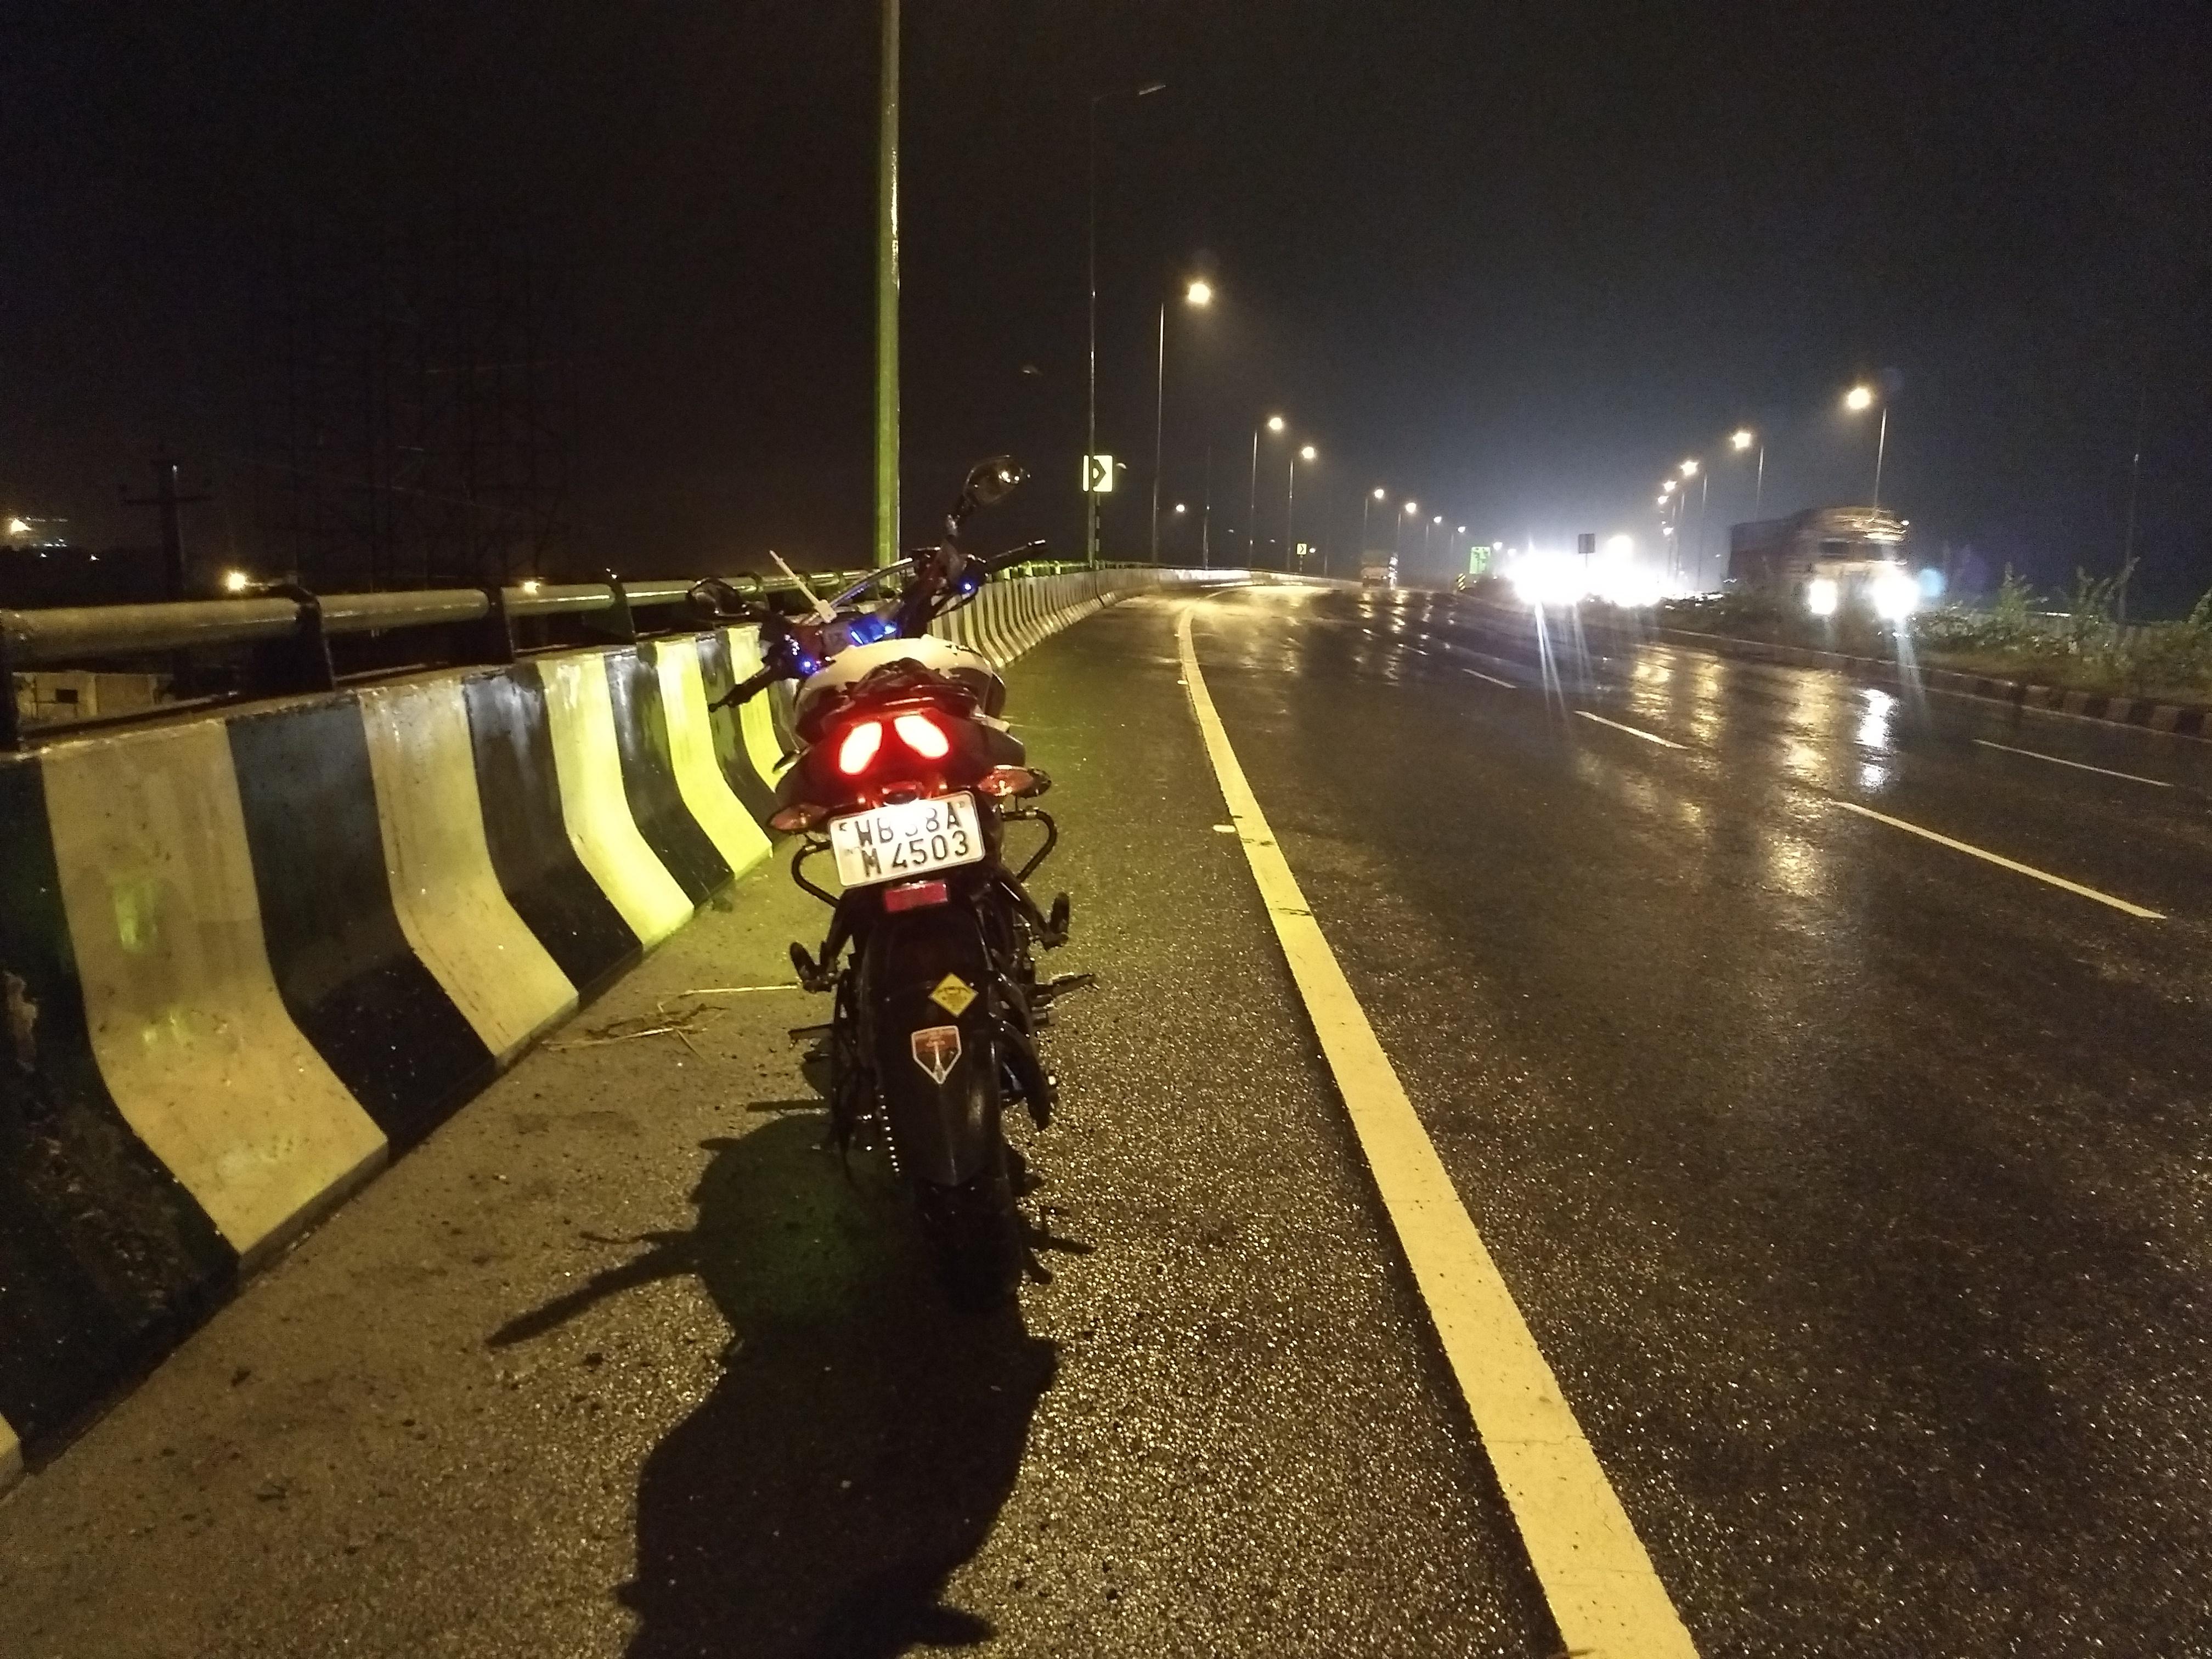 Ride Image by Milan Ghosh